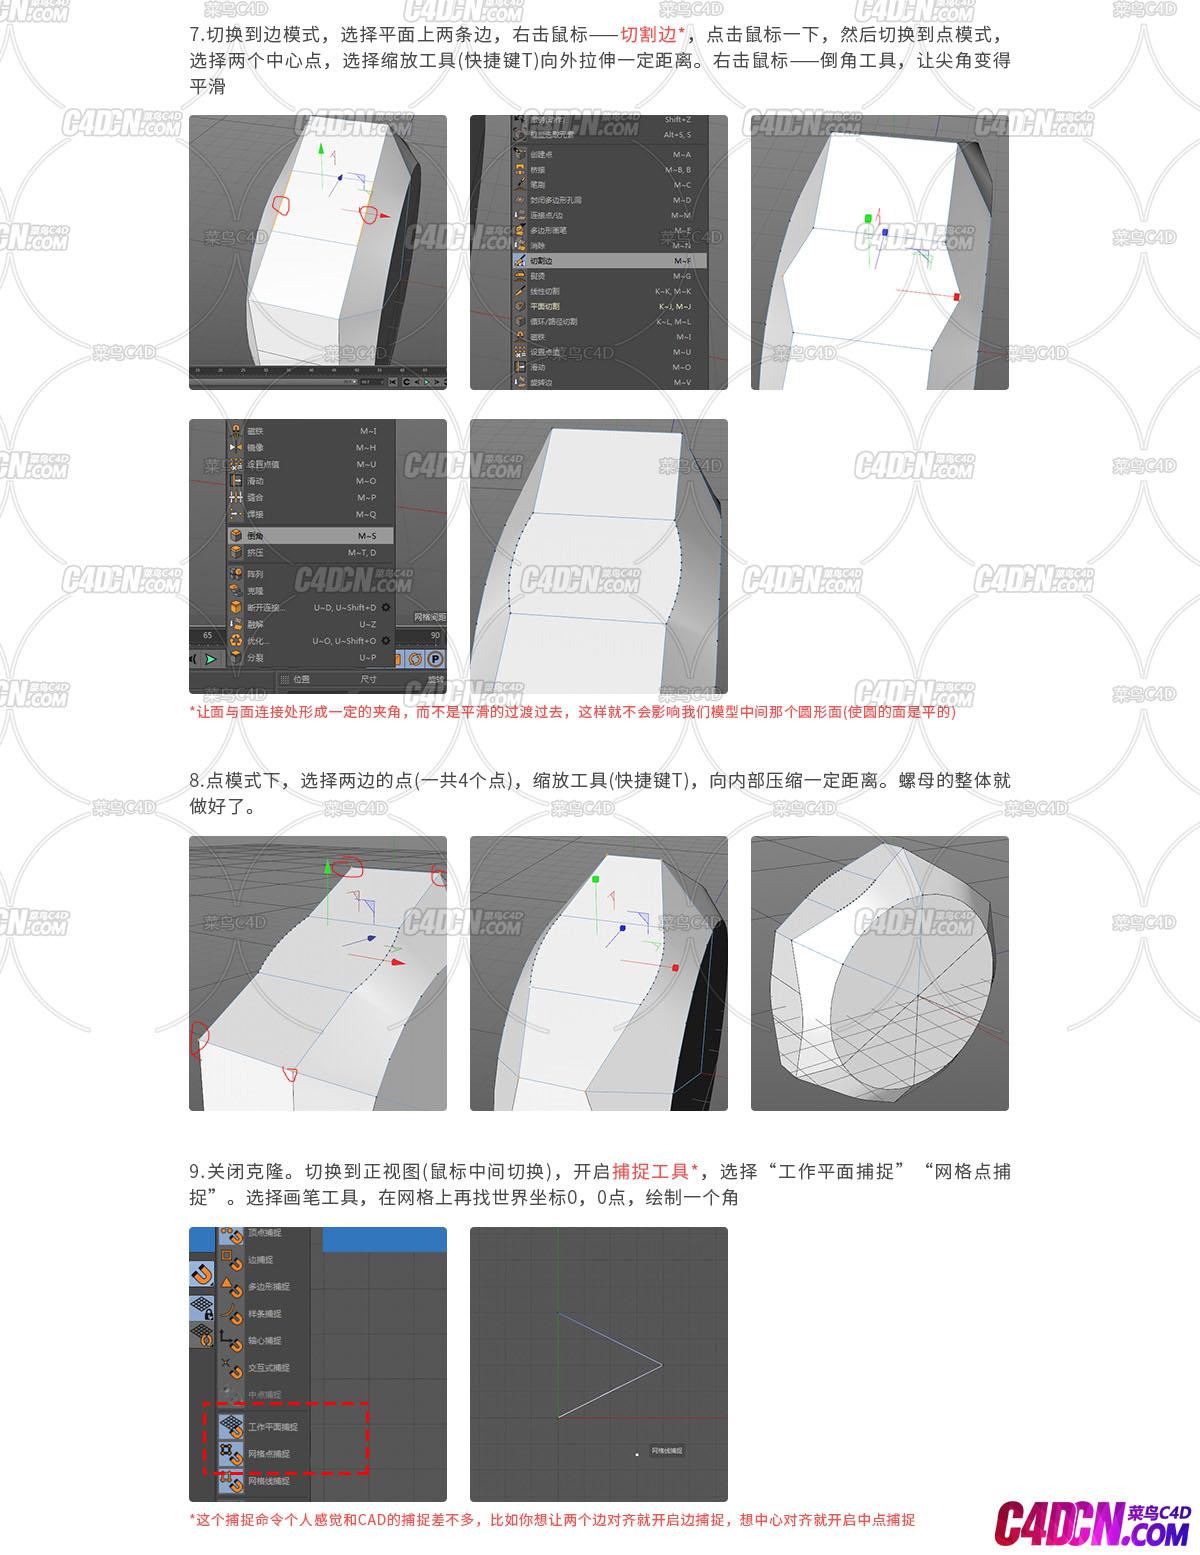 C4D如何创建螺母_07.jpg